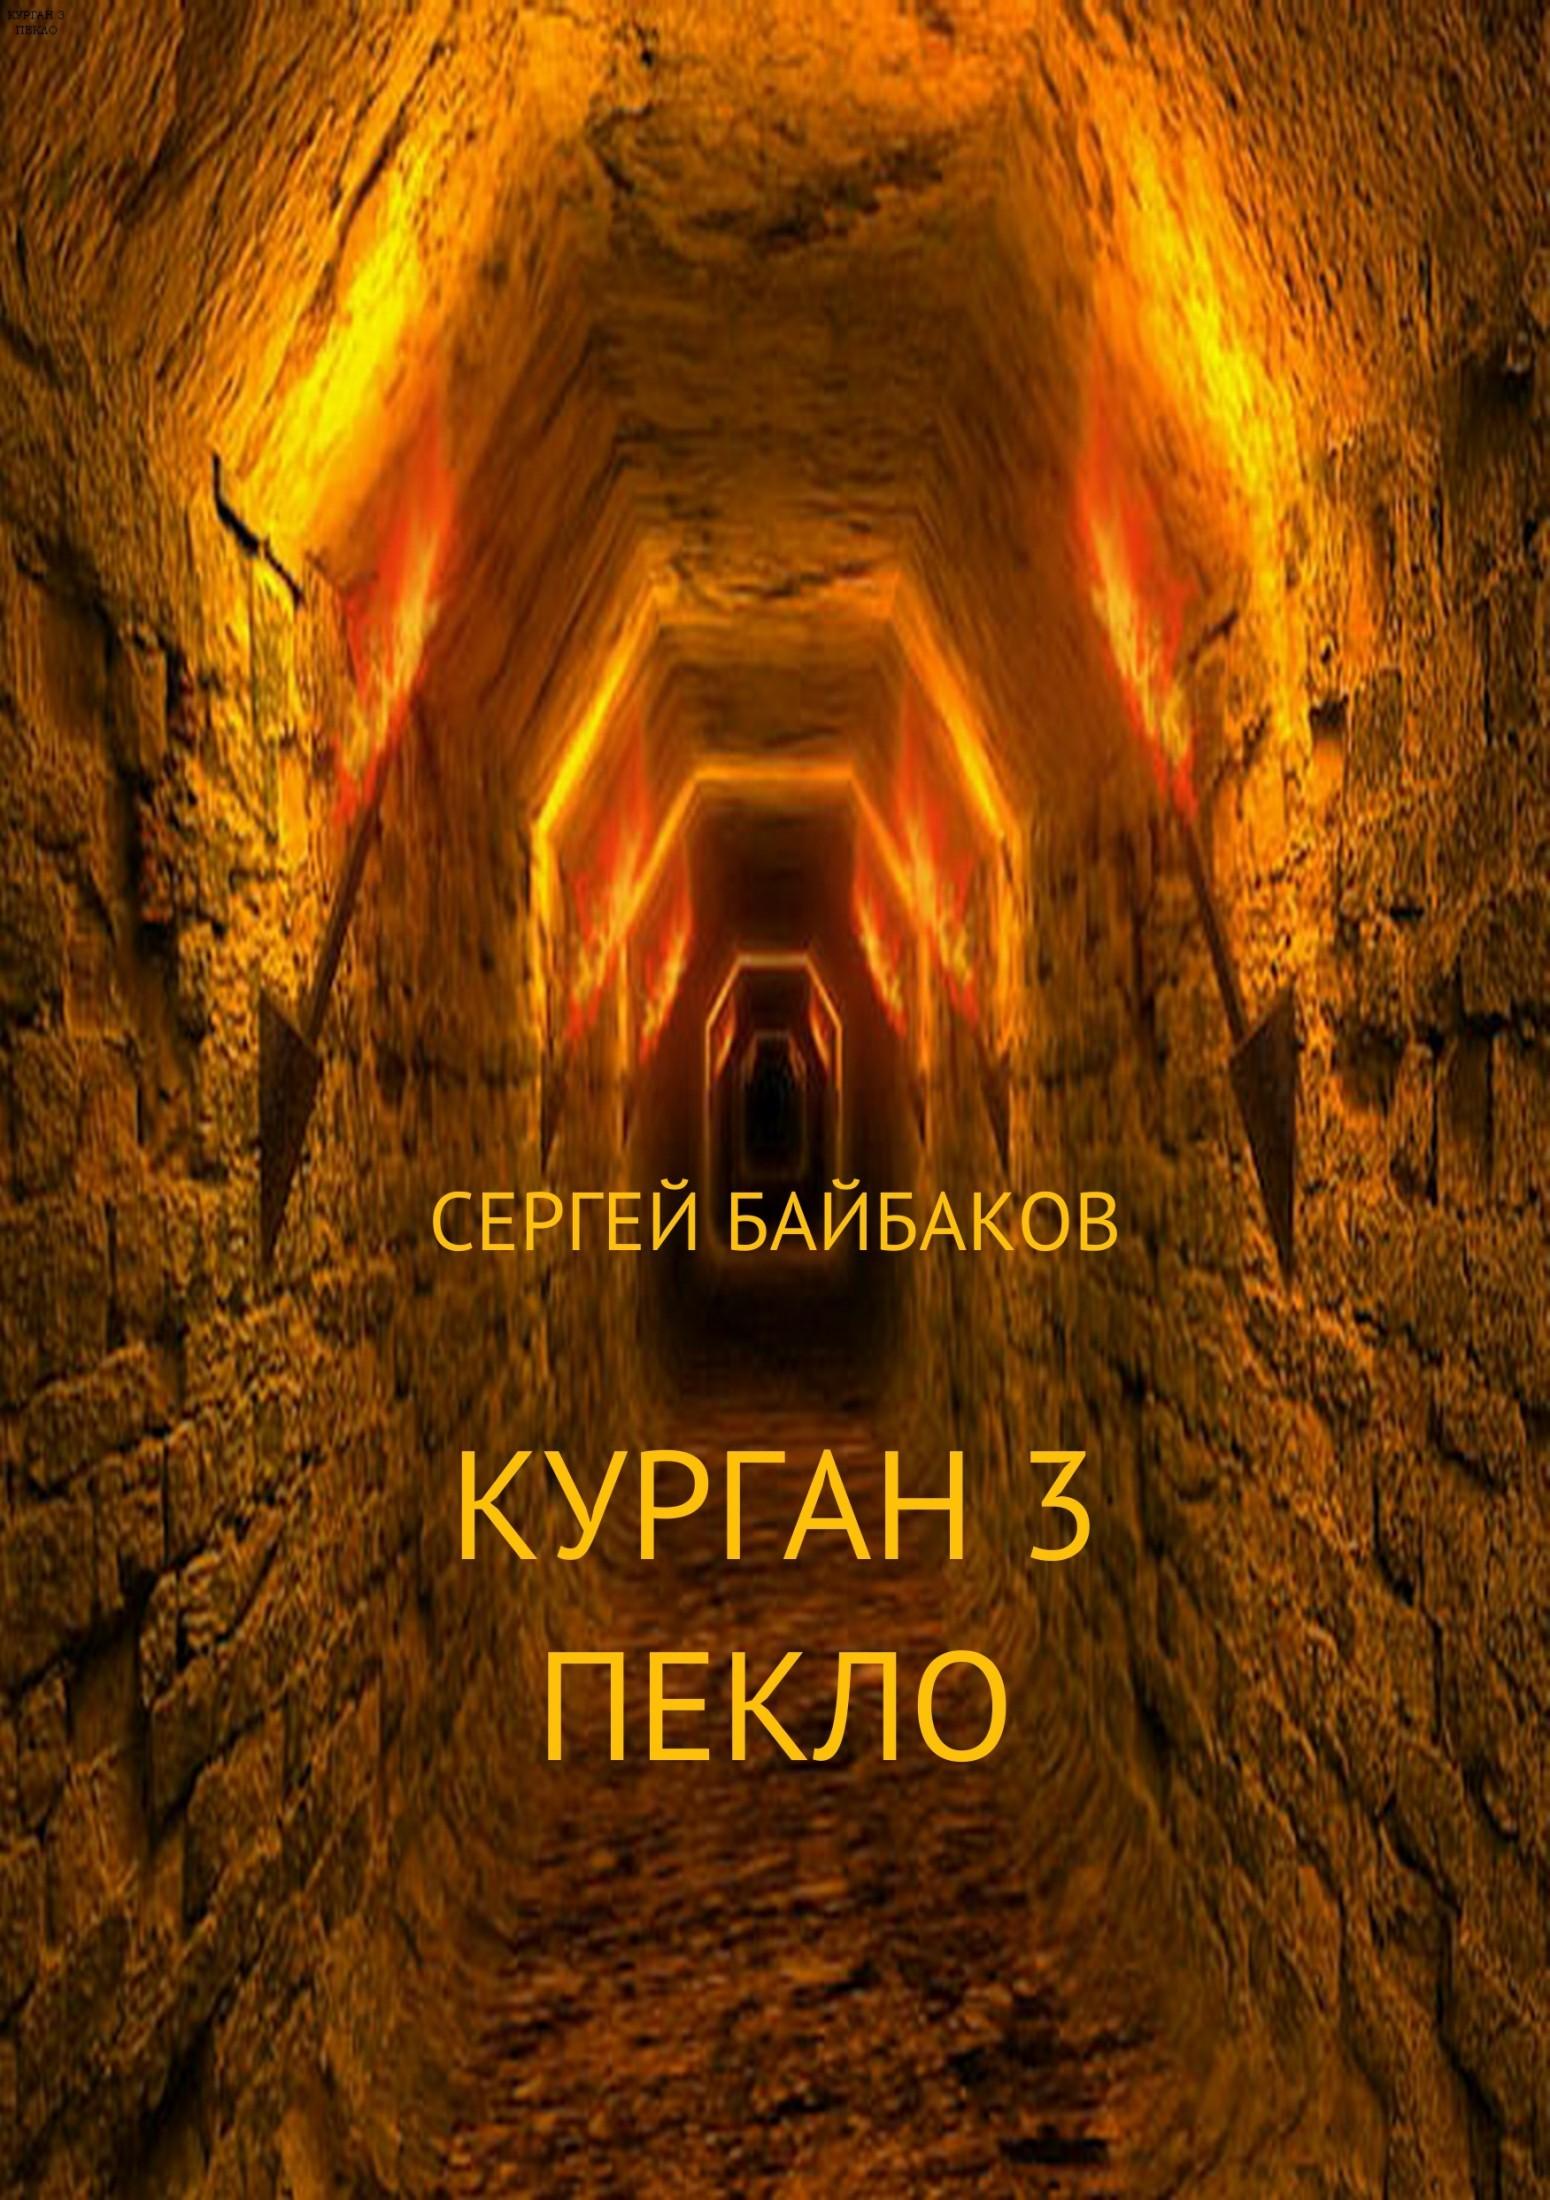 Сергей Геннадьевич Байбаков бесплатно